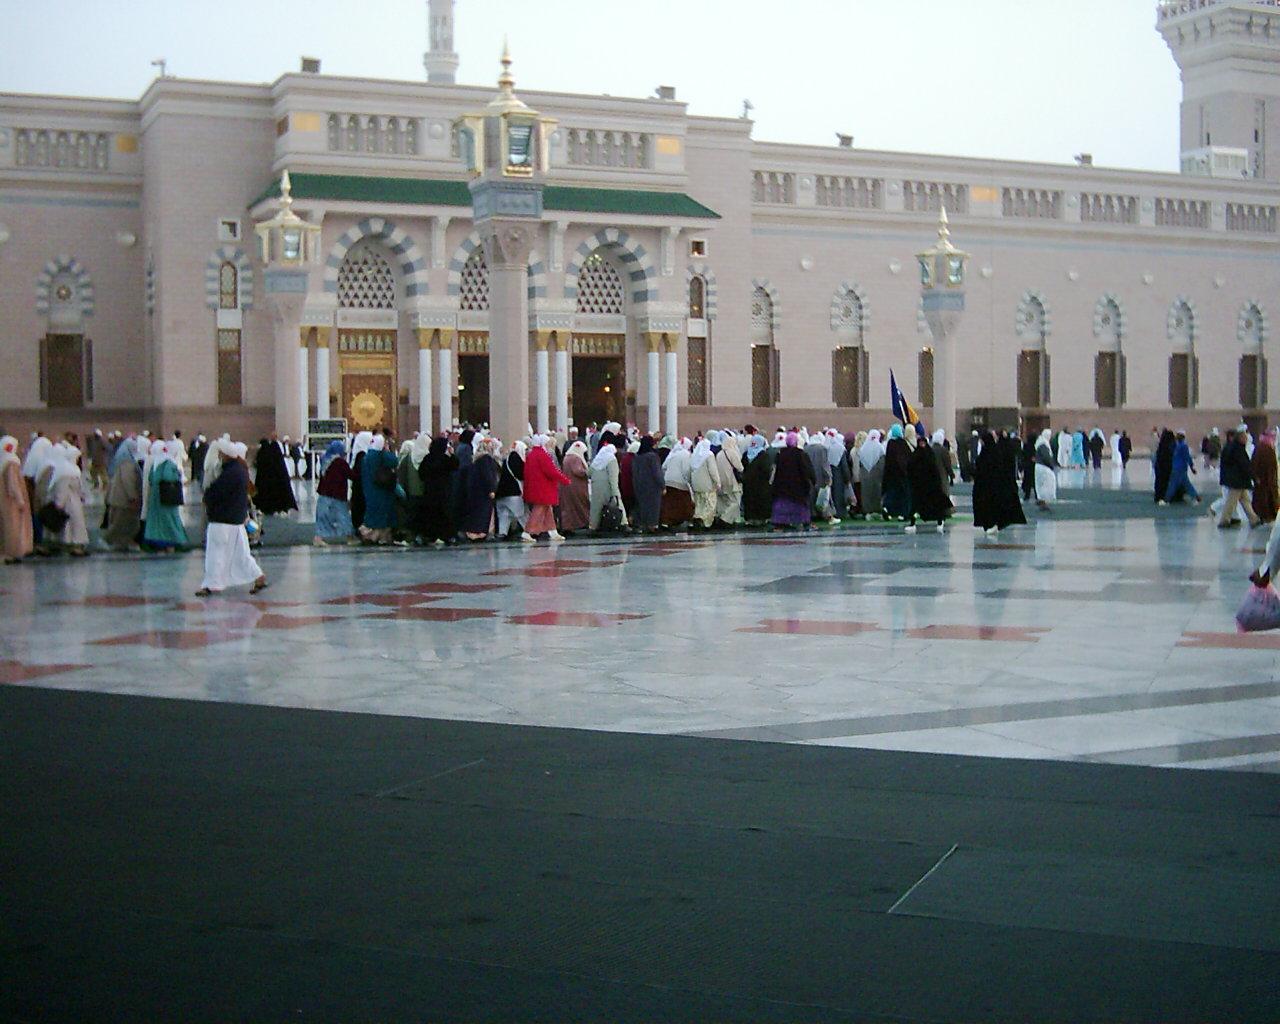 مسجد الرسول عليه افضل الصلاة والسلام 13_68071_1142012524